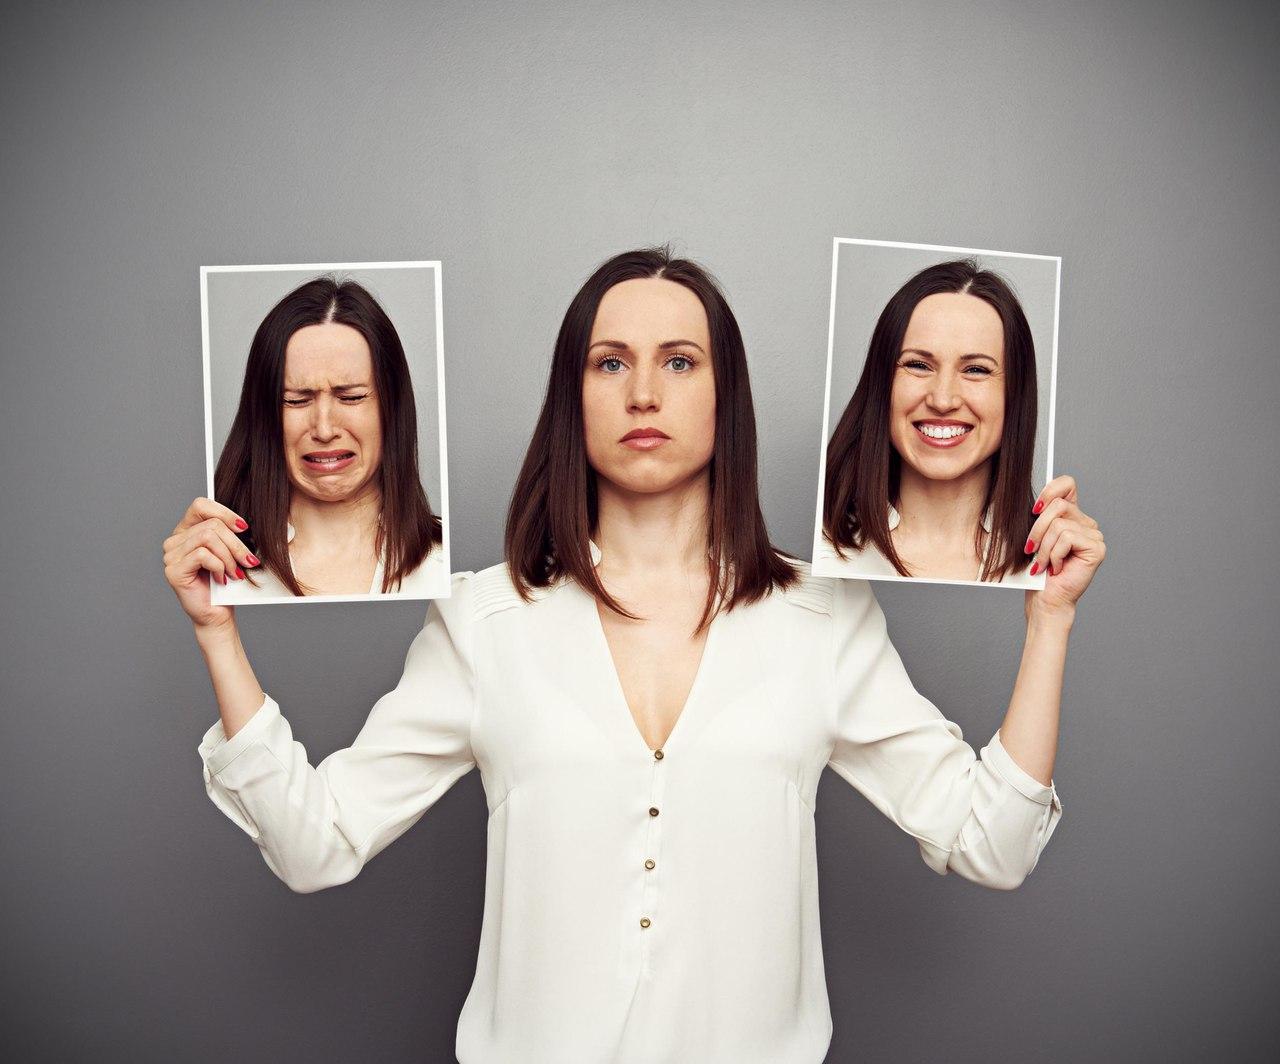 сильный предменструальный синдром